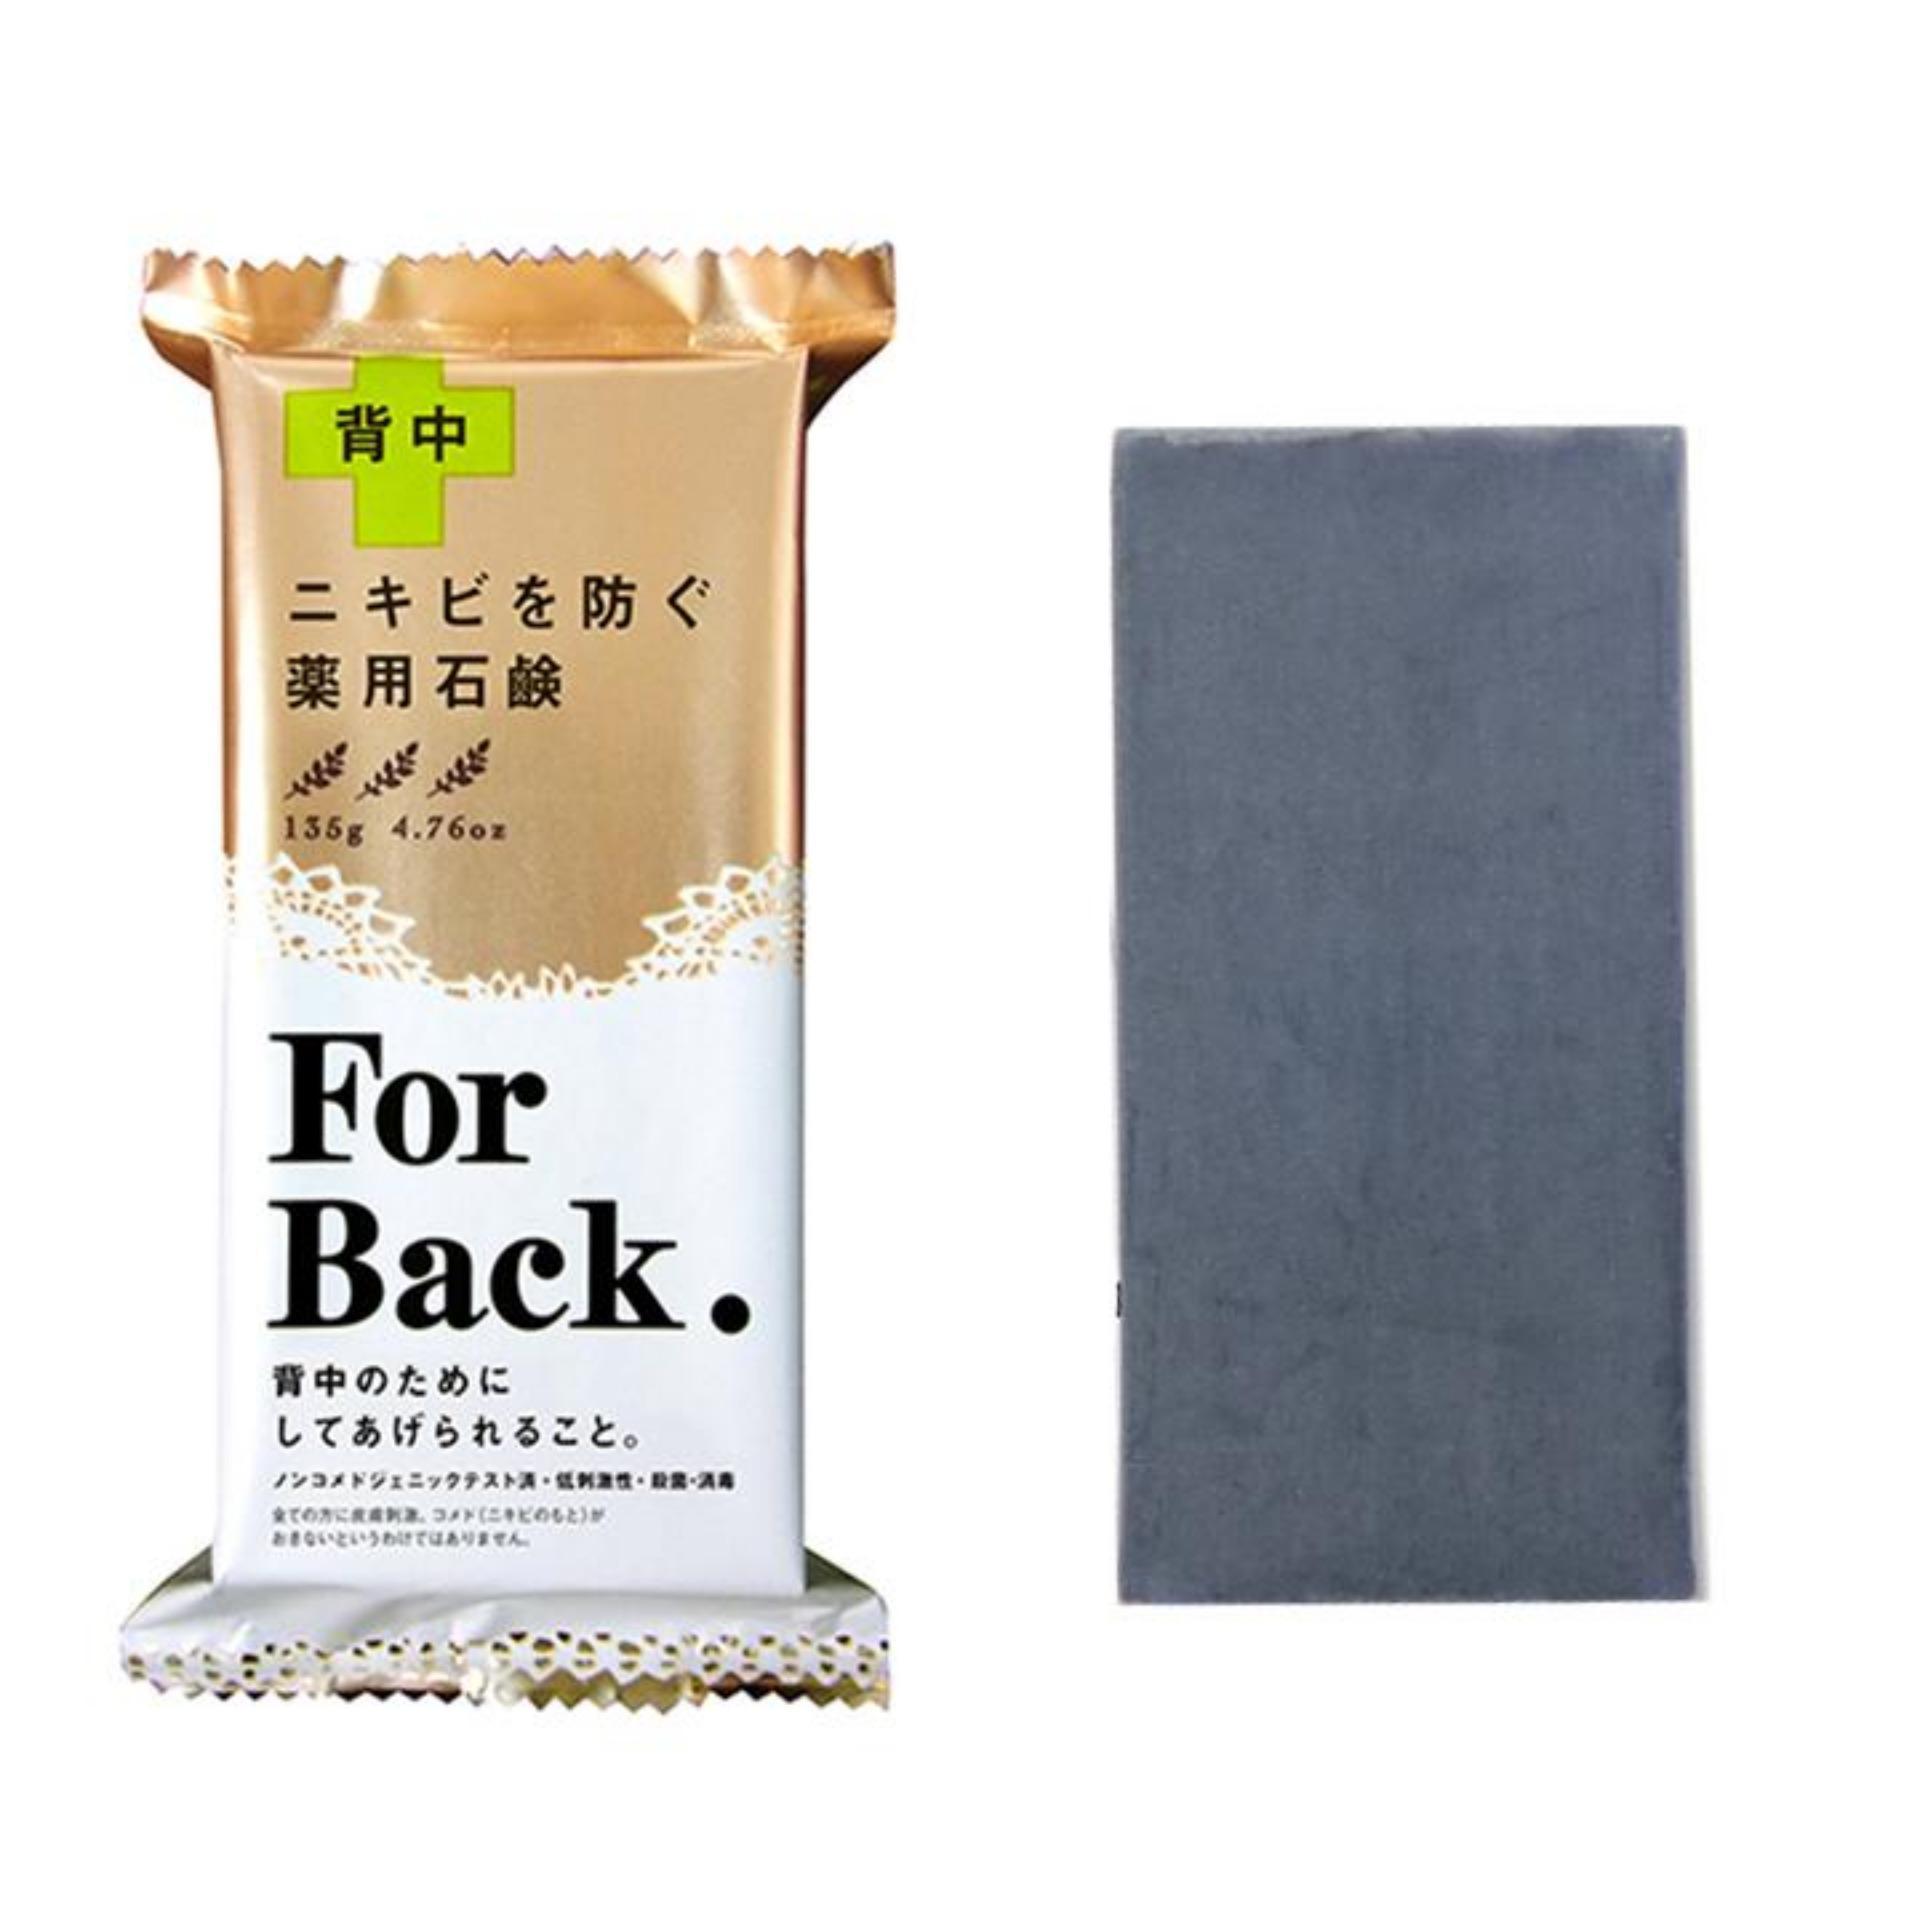 XÀ PHÒNG FOR BACK MEDICATED SOAP PELICAN NHẬT BẢN 135G tốt nhất